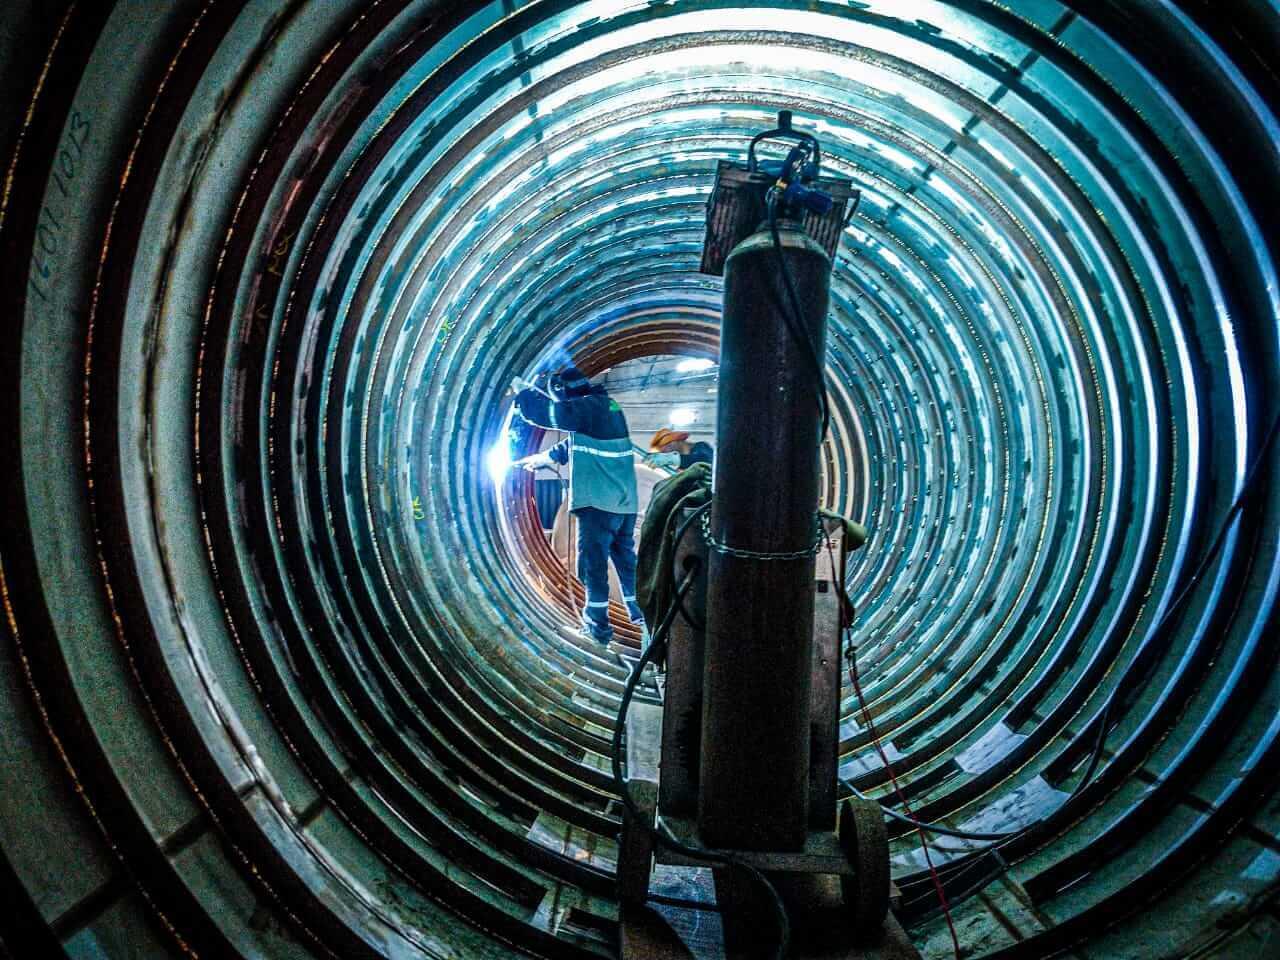 Manutenção e Reforma Parcial ou Completa Máquinas Criogenia